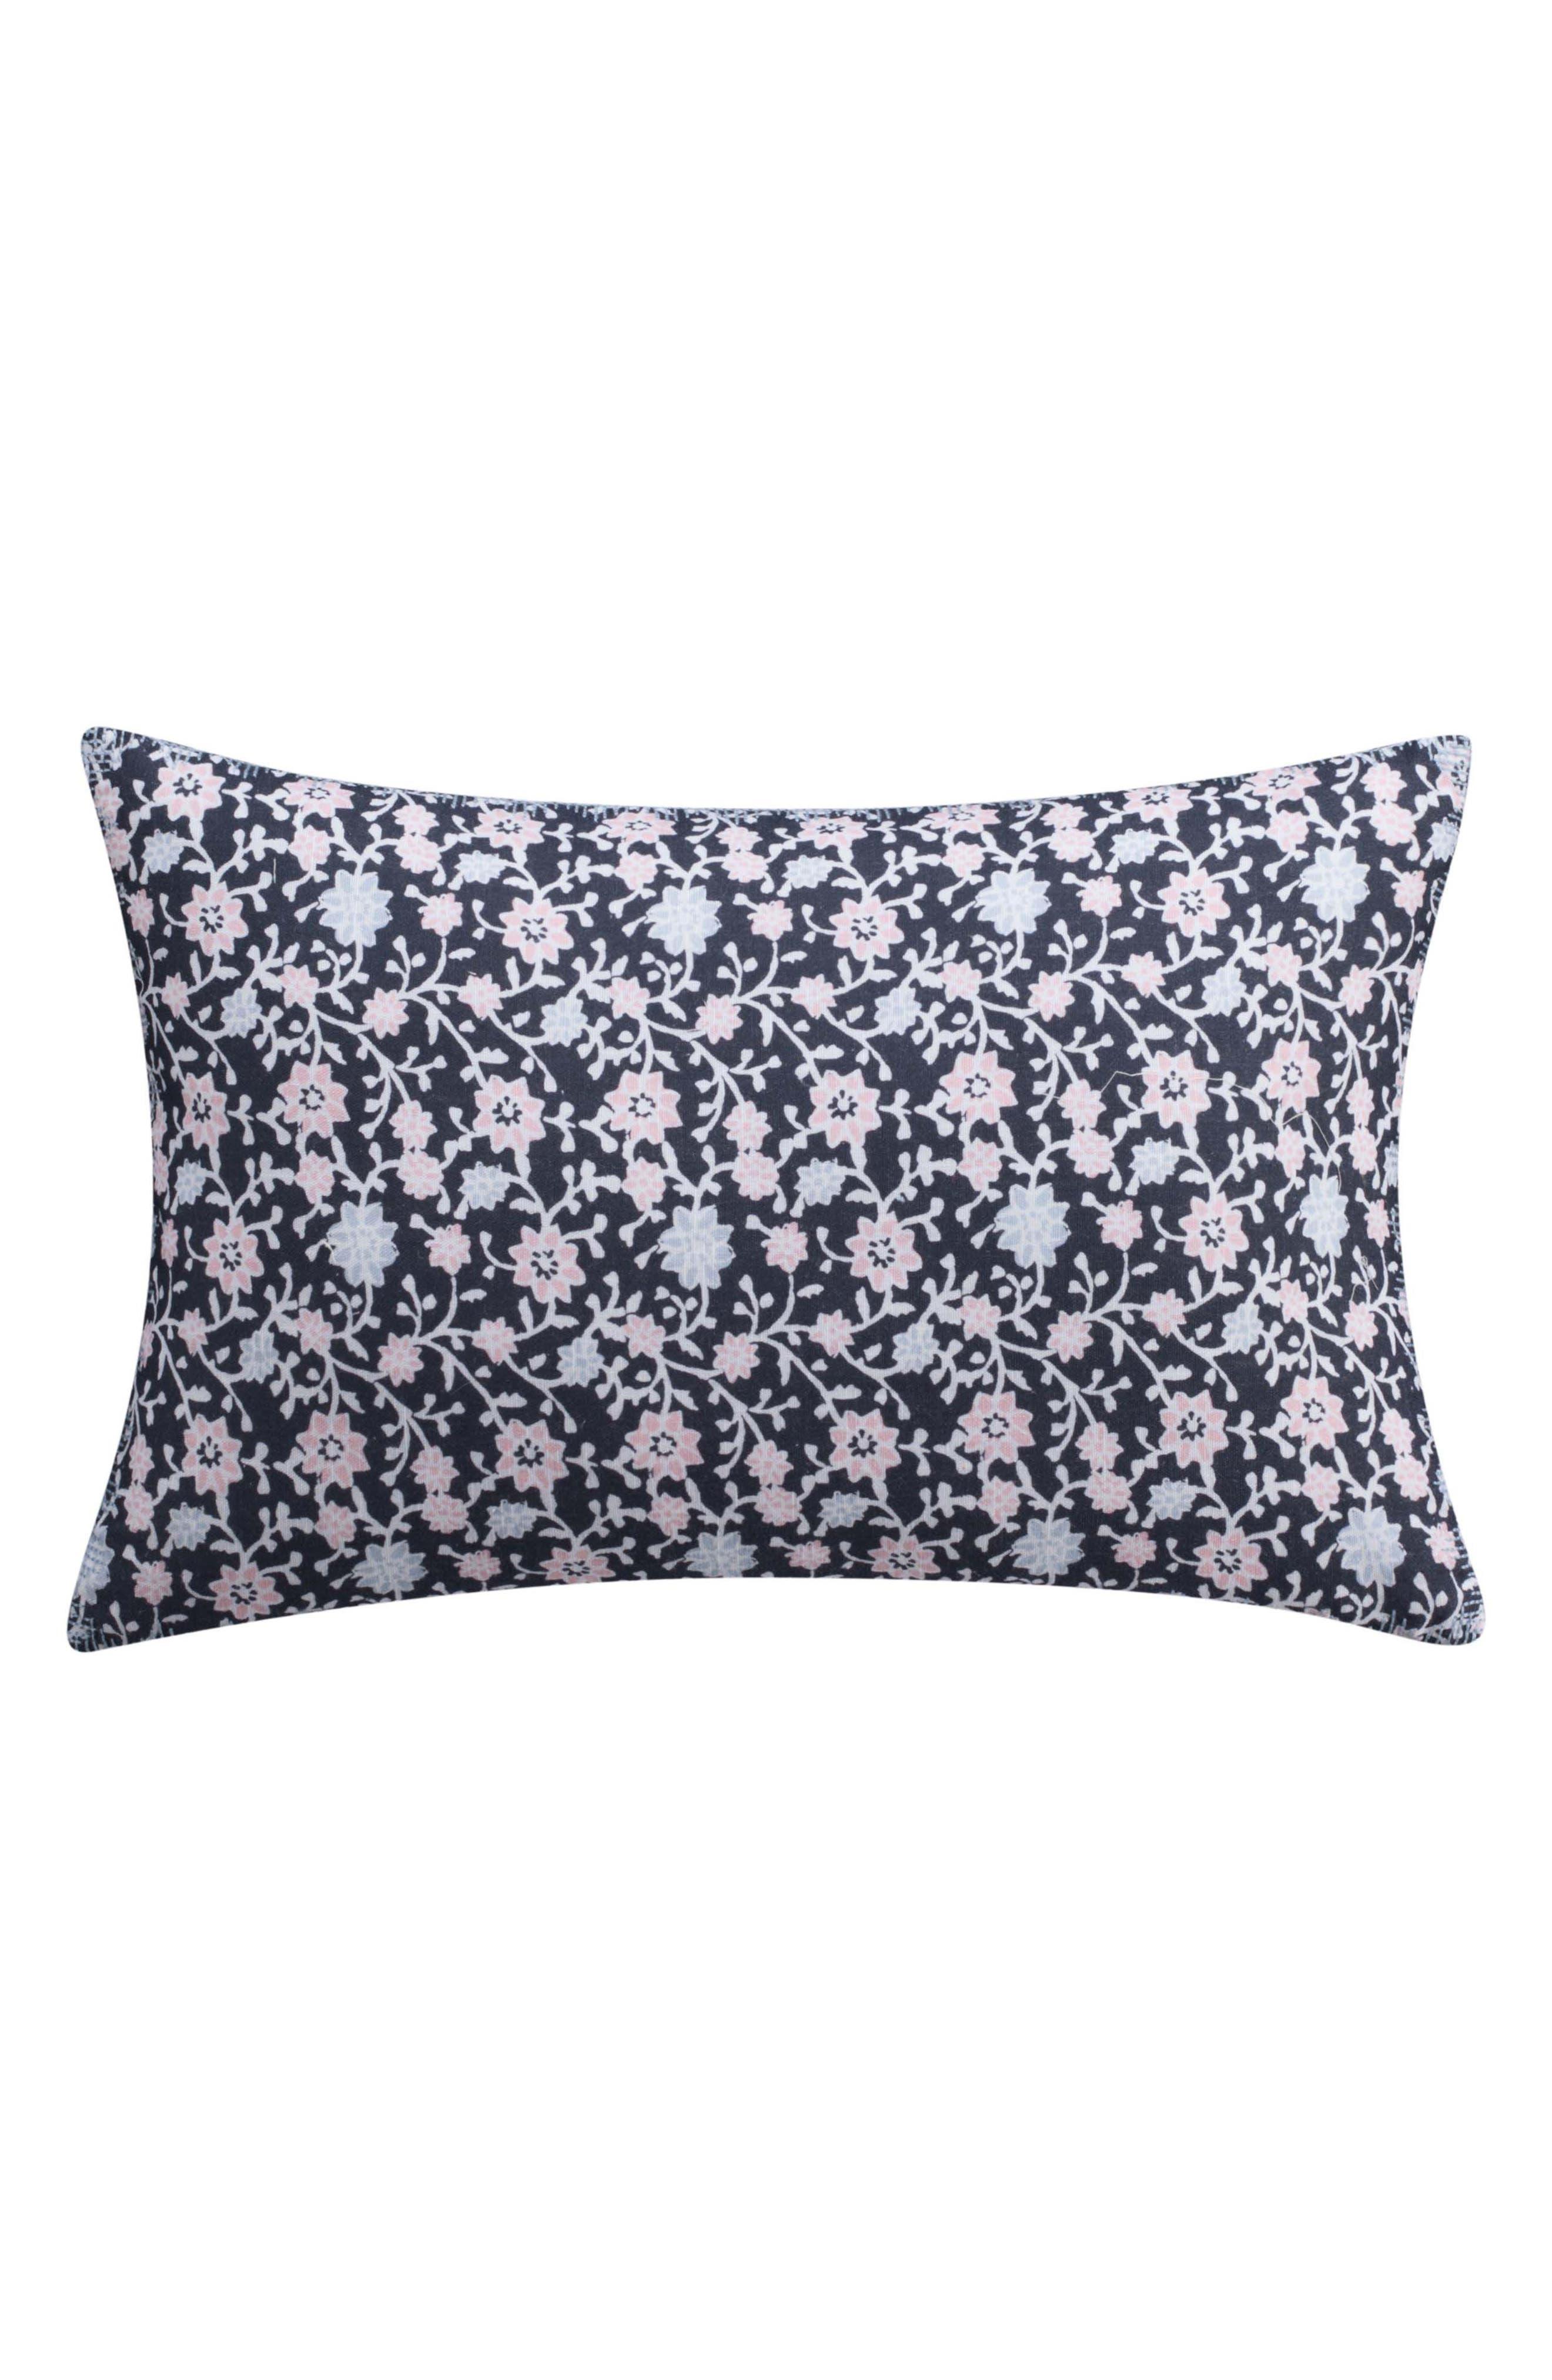 Floral Print Accent Pillow,                             Main thumbnail 1, color,